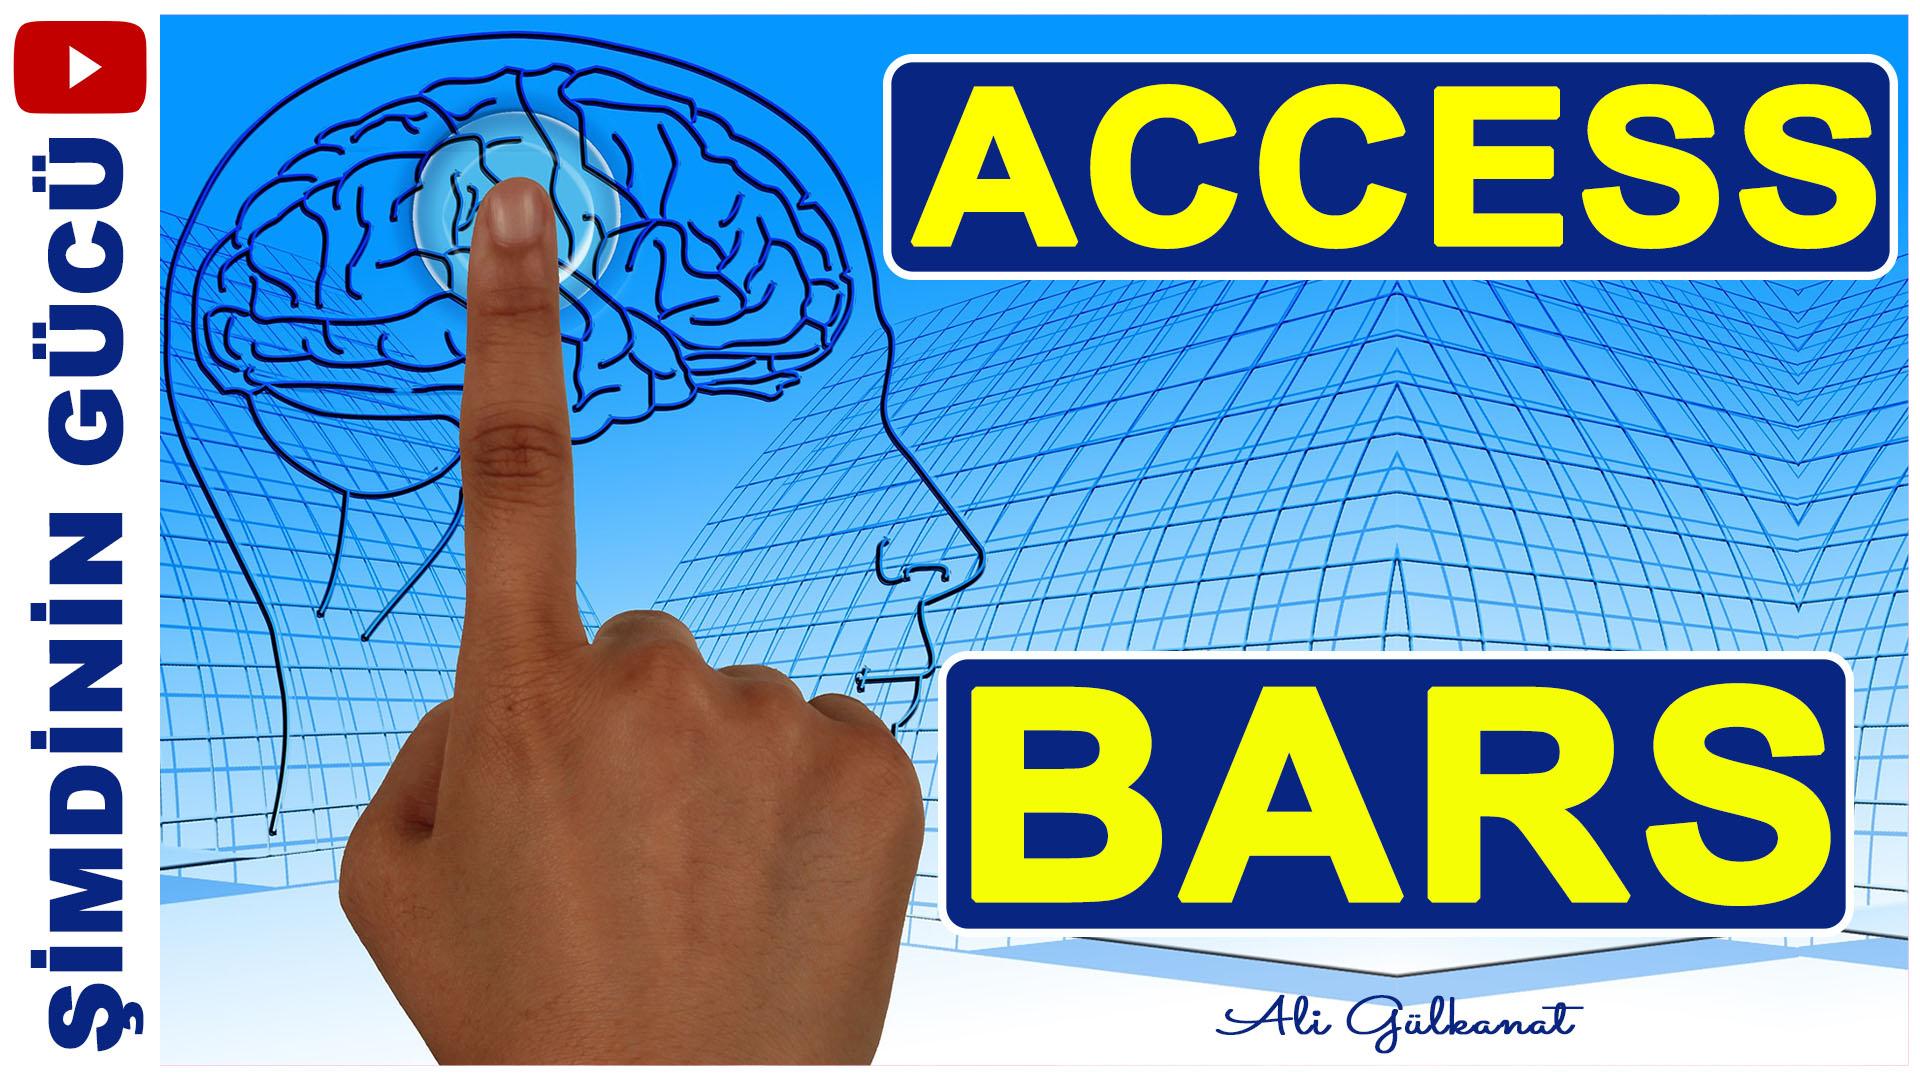 ali gülkanat – kişisel gelişim – nlp – network marketing – telkin – eğitim – ali gülkanat ekşi – ali gülkanat ekşi sözlük – ali gülkanat sözlük